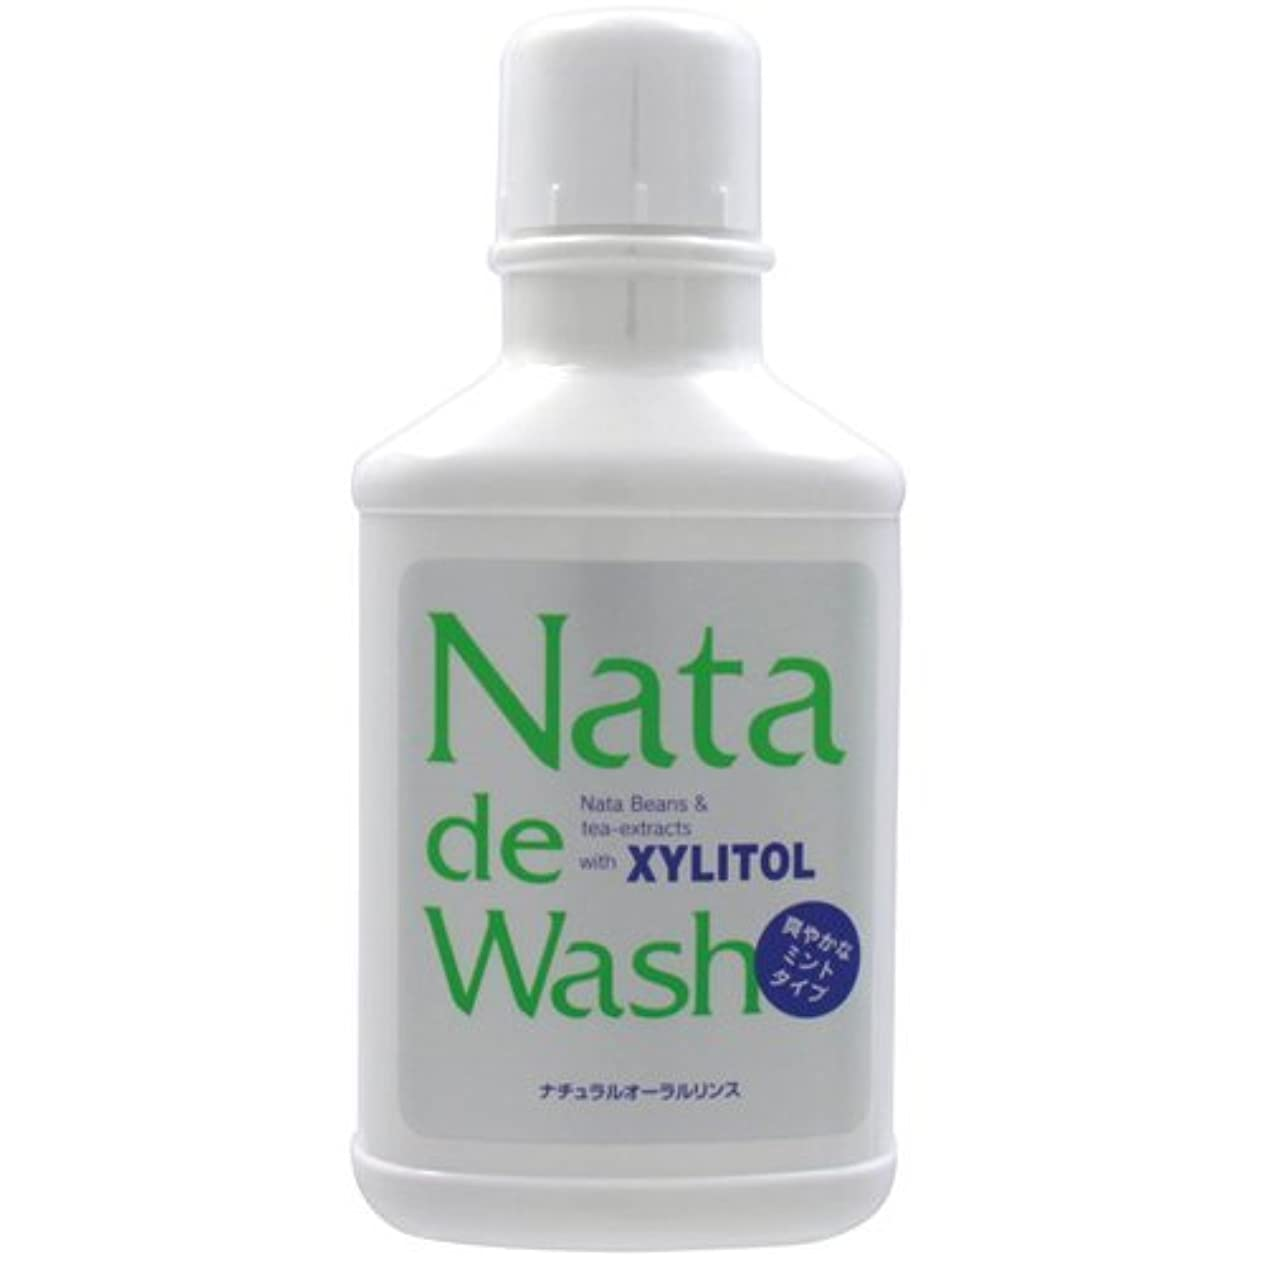 アプト入射魅力ナタデウォッシュ 500ml 口臭予防 歯磨きの後にお勧め ナタデ ウォッシュ